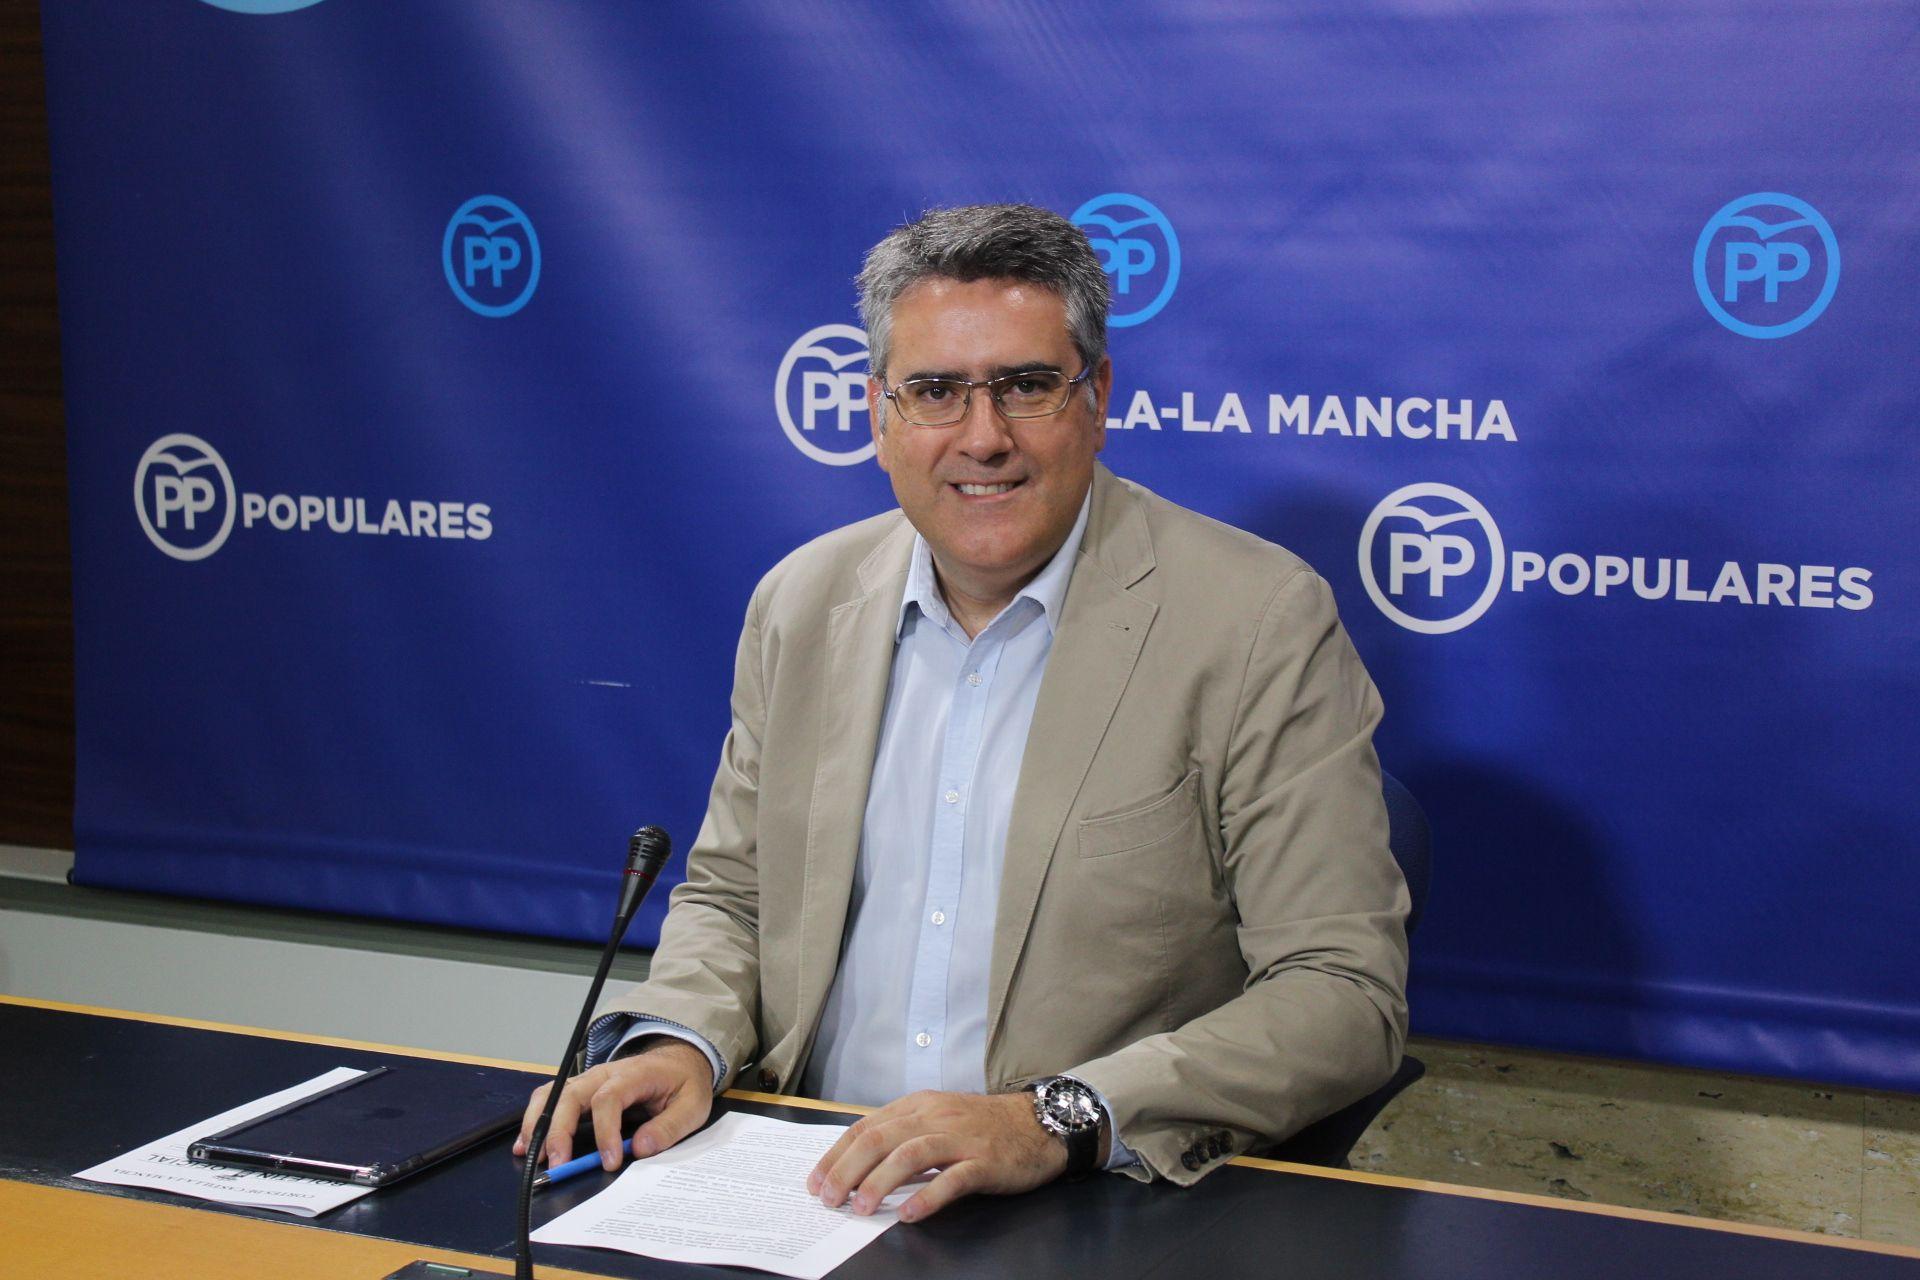 El PP muestra su preocupación ante los malos datos económicos que indican que la región incumplirá el objetivo de déficit en 2019